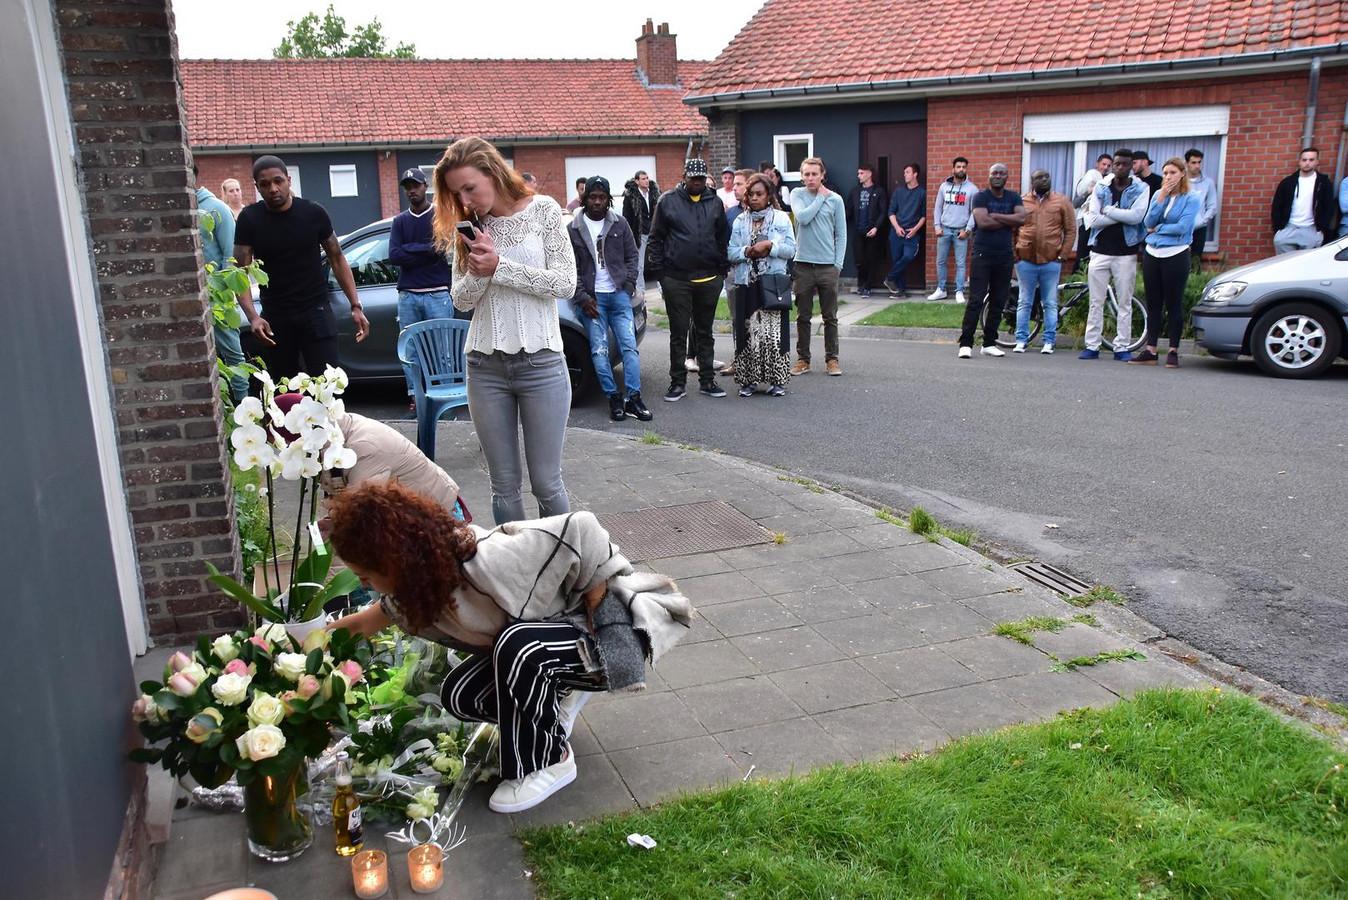 Familie en vrienden hielden, kort na de dood van Lamine Bangoura, een ingetogen moment aan zijn huurwoning in de Mezenstraat in Roeselare. Voor de deur legden ze bloemen en staken ze kaarsjes aan.